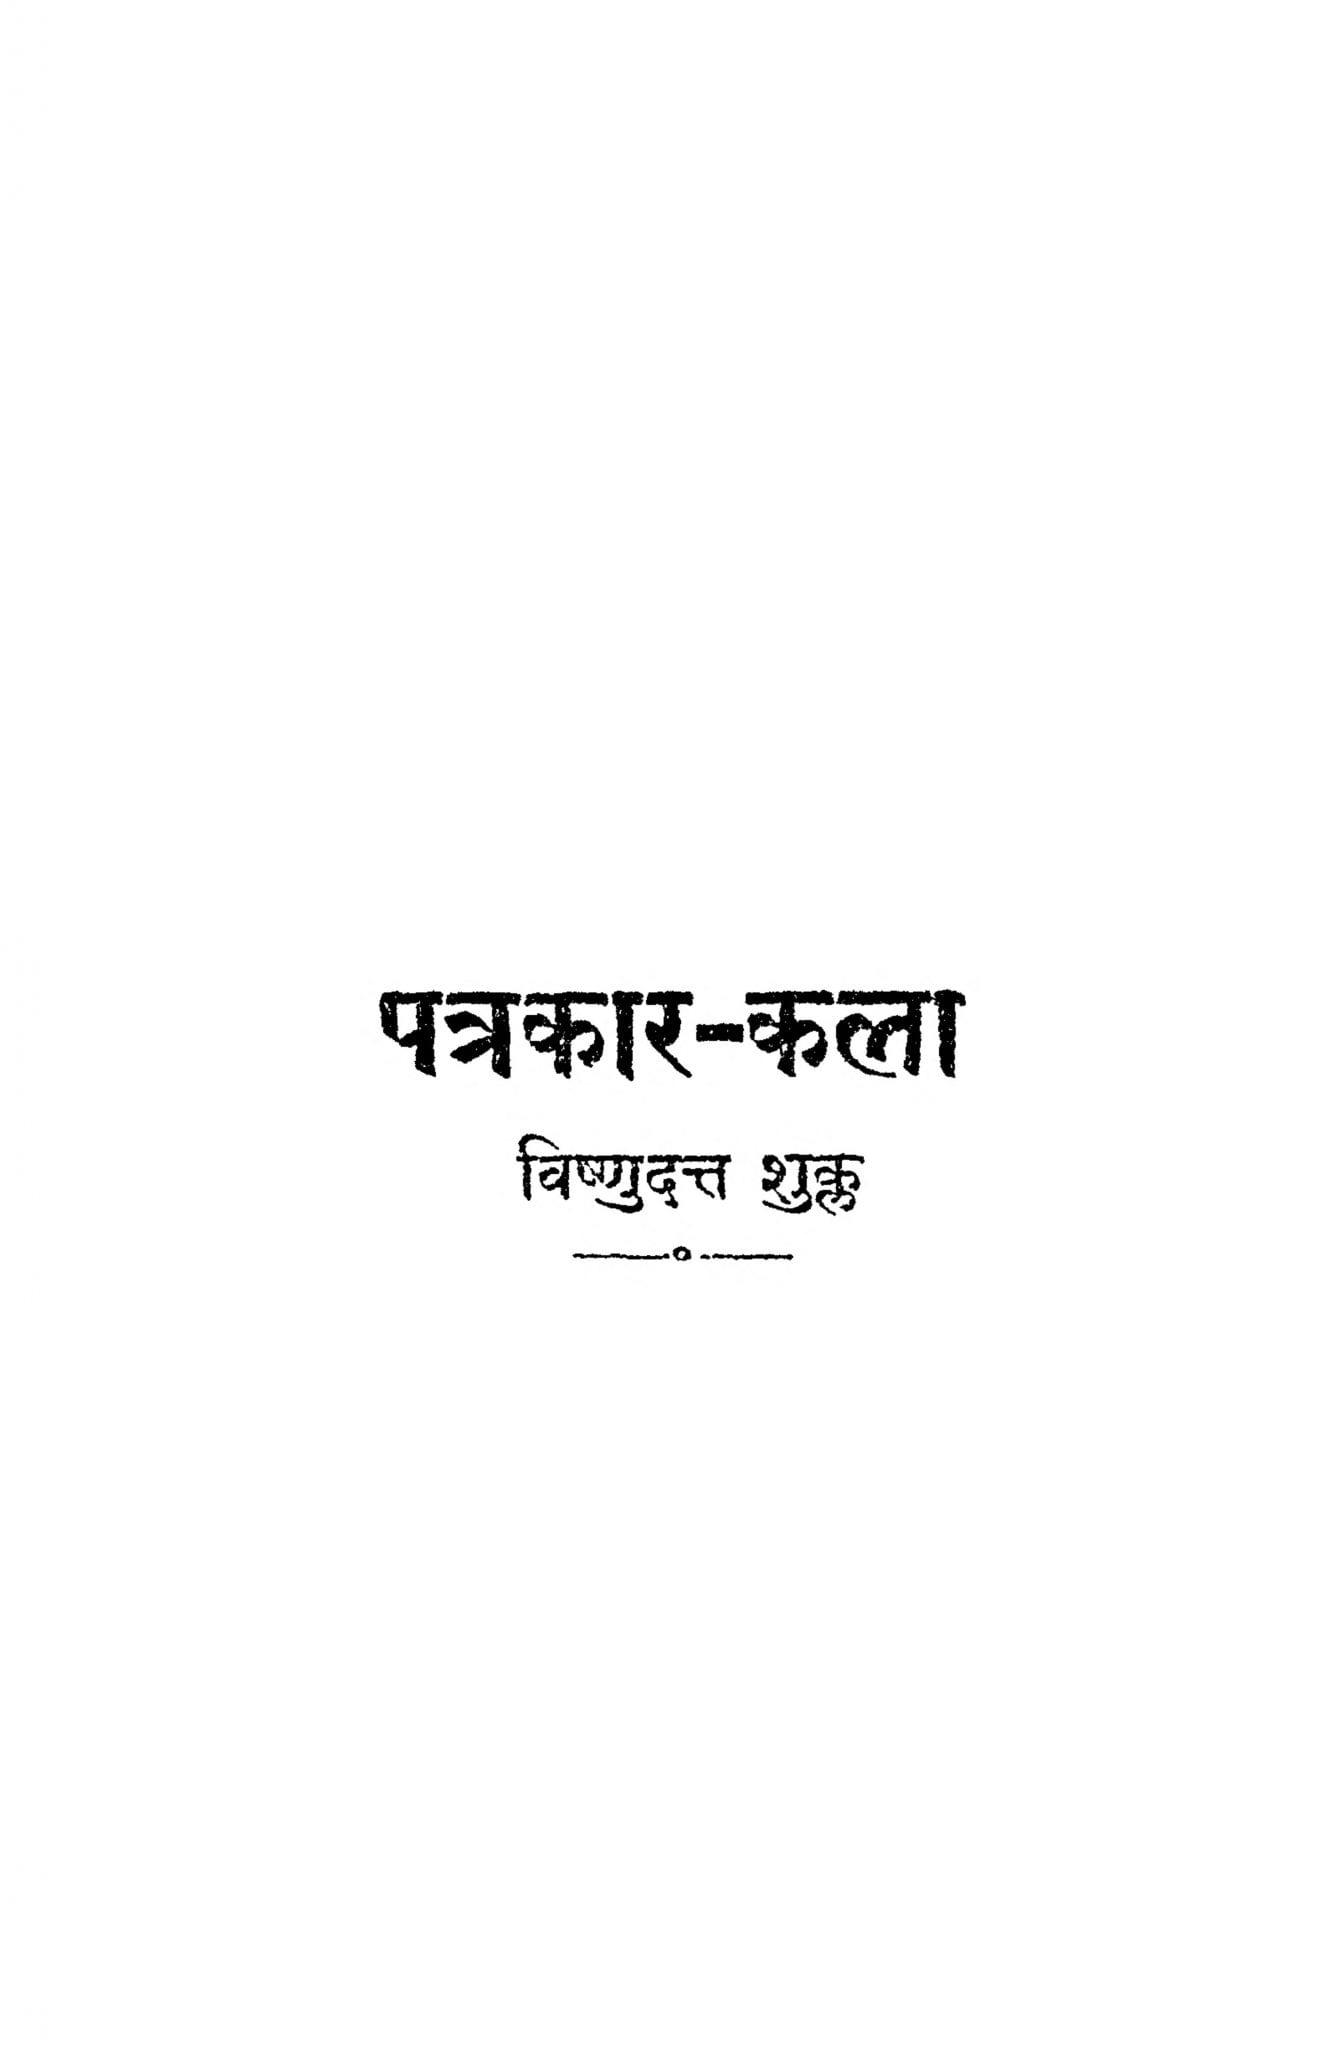 Book Image : पत्रकार - कला  - Patrkar Kala